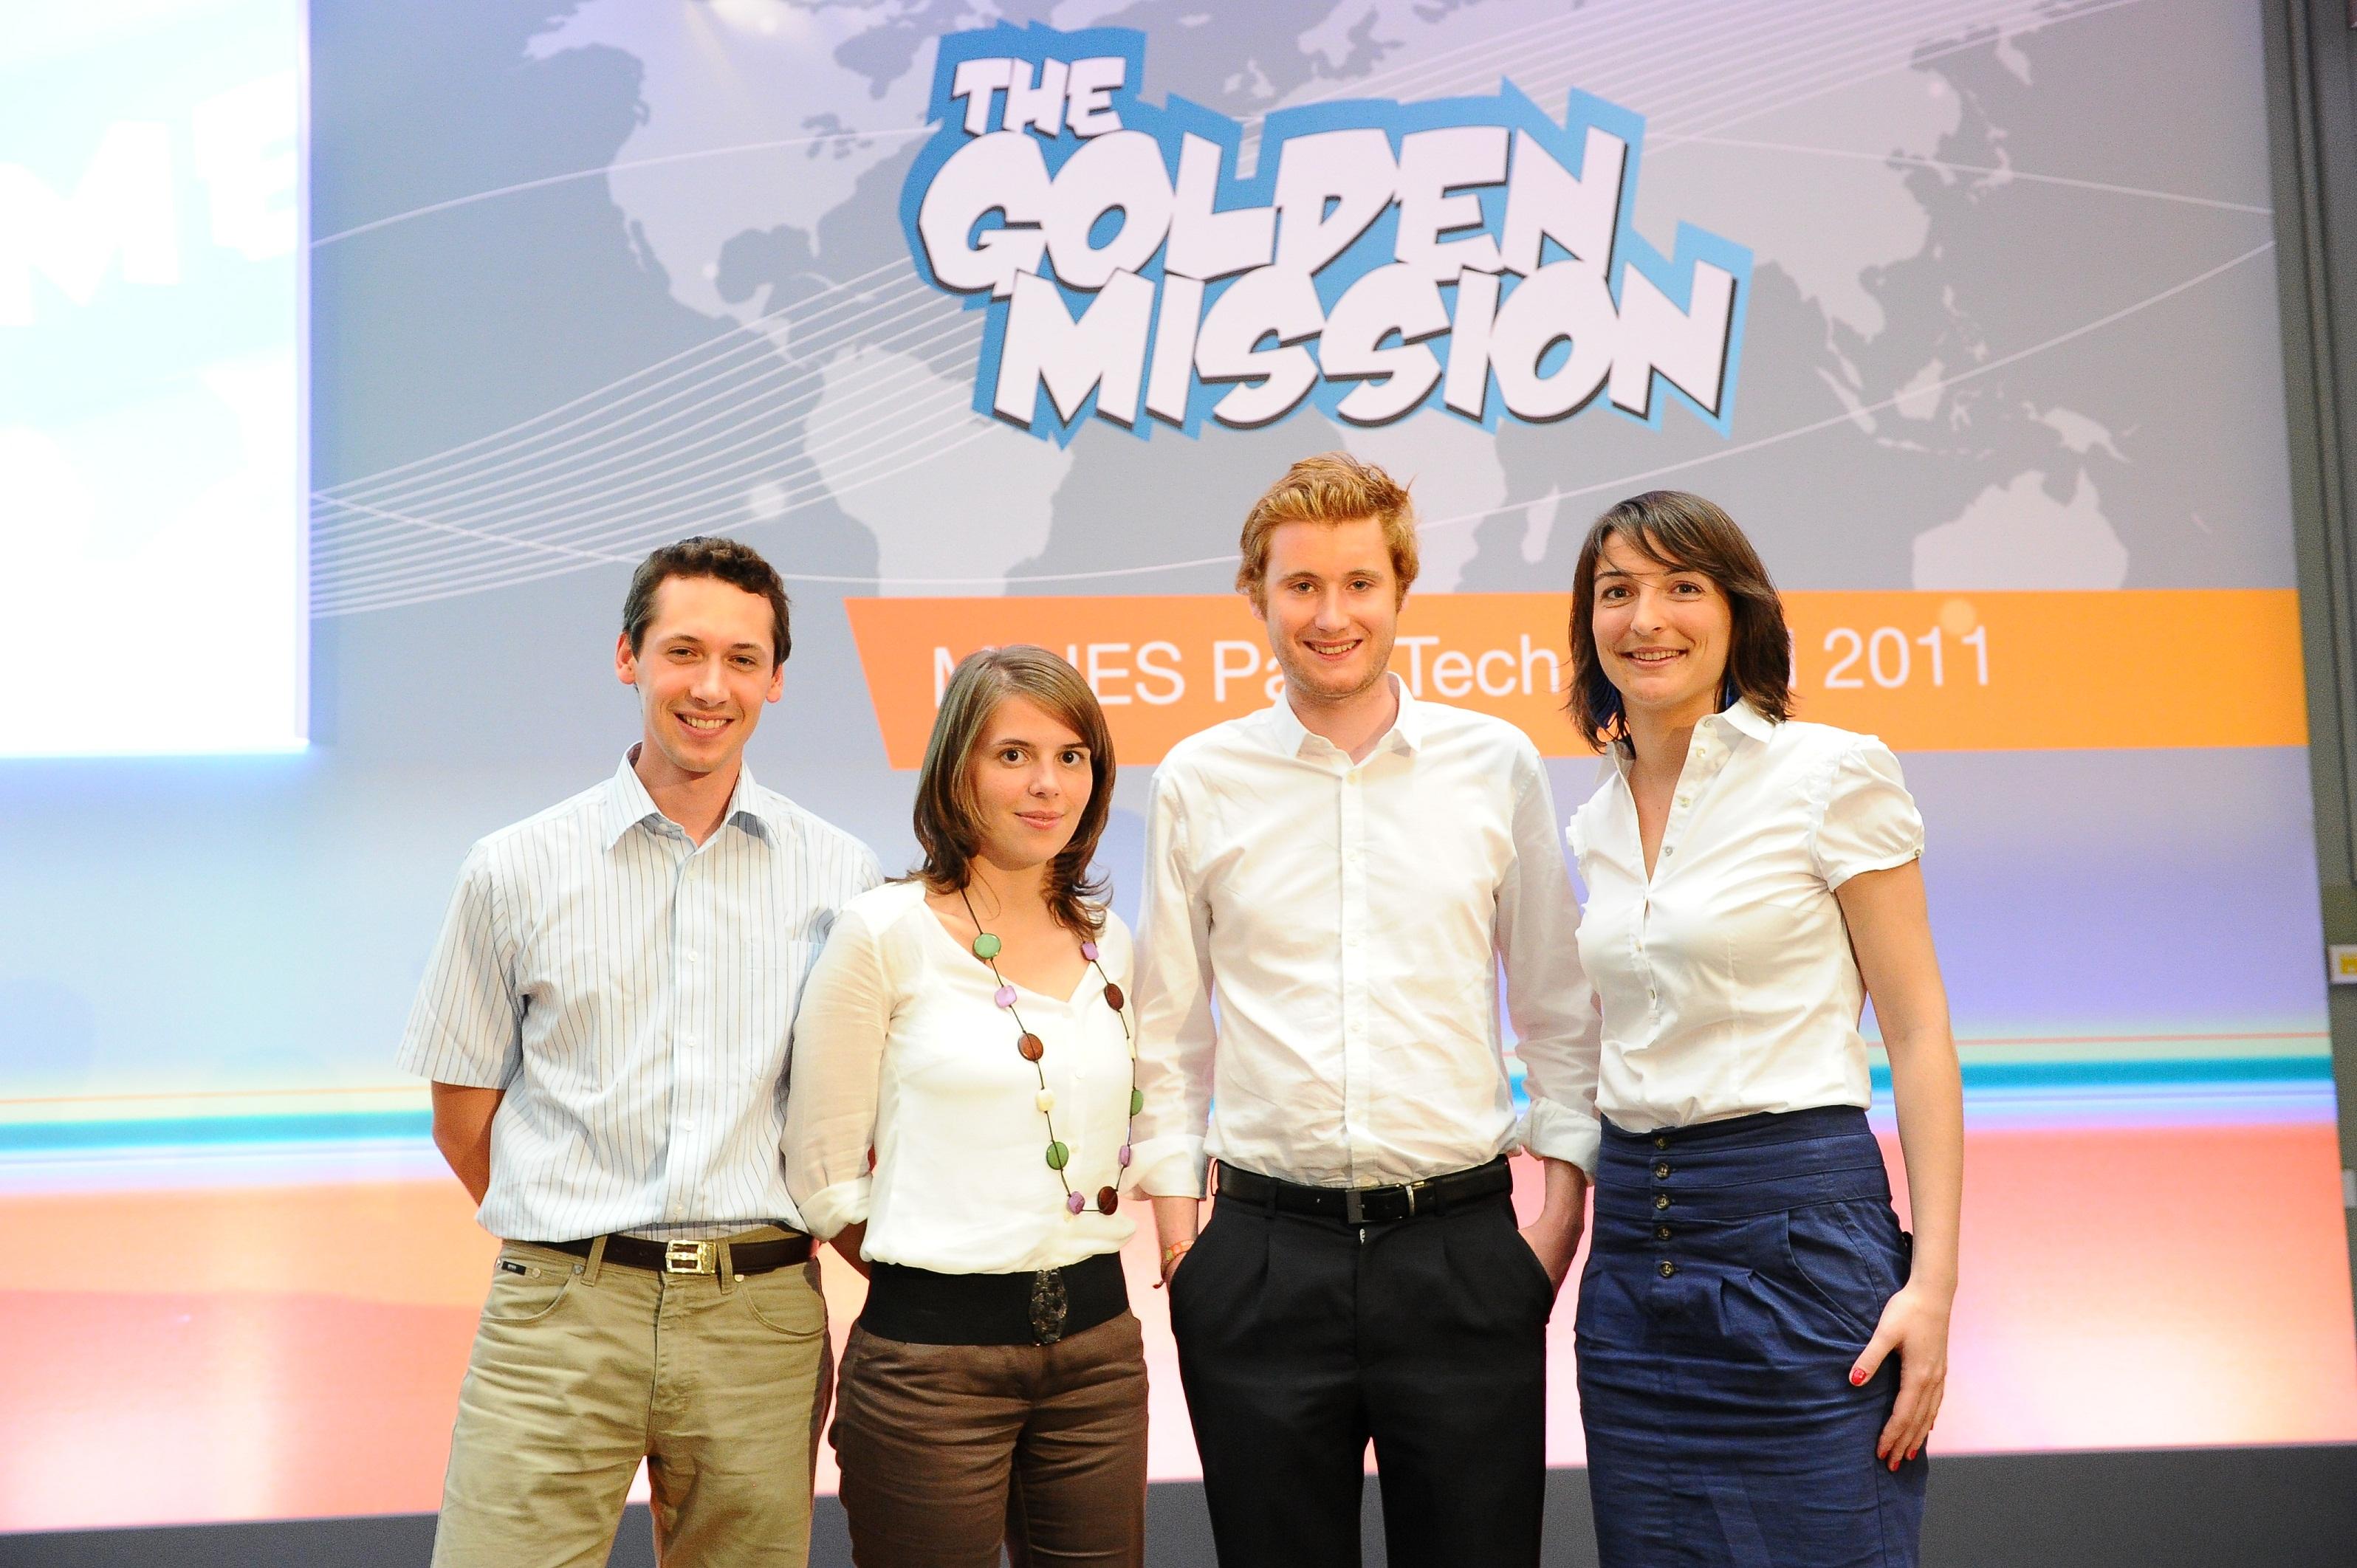 GDF SUEZ lance la 2e édition de « The Golden Mission » à l'occasion d'un débat sur l'énergie, l'environnement et l'emploi des jeunes